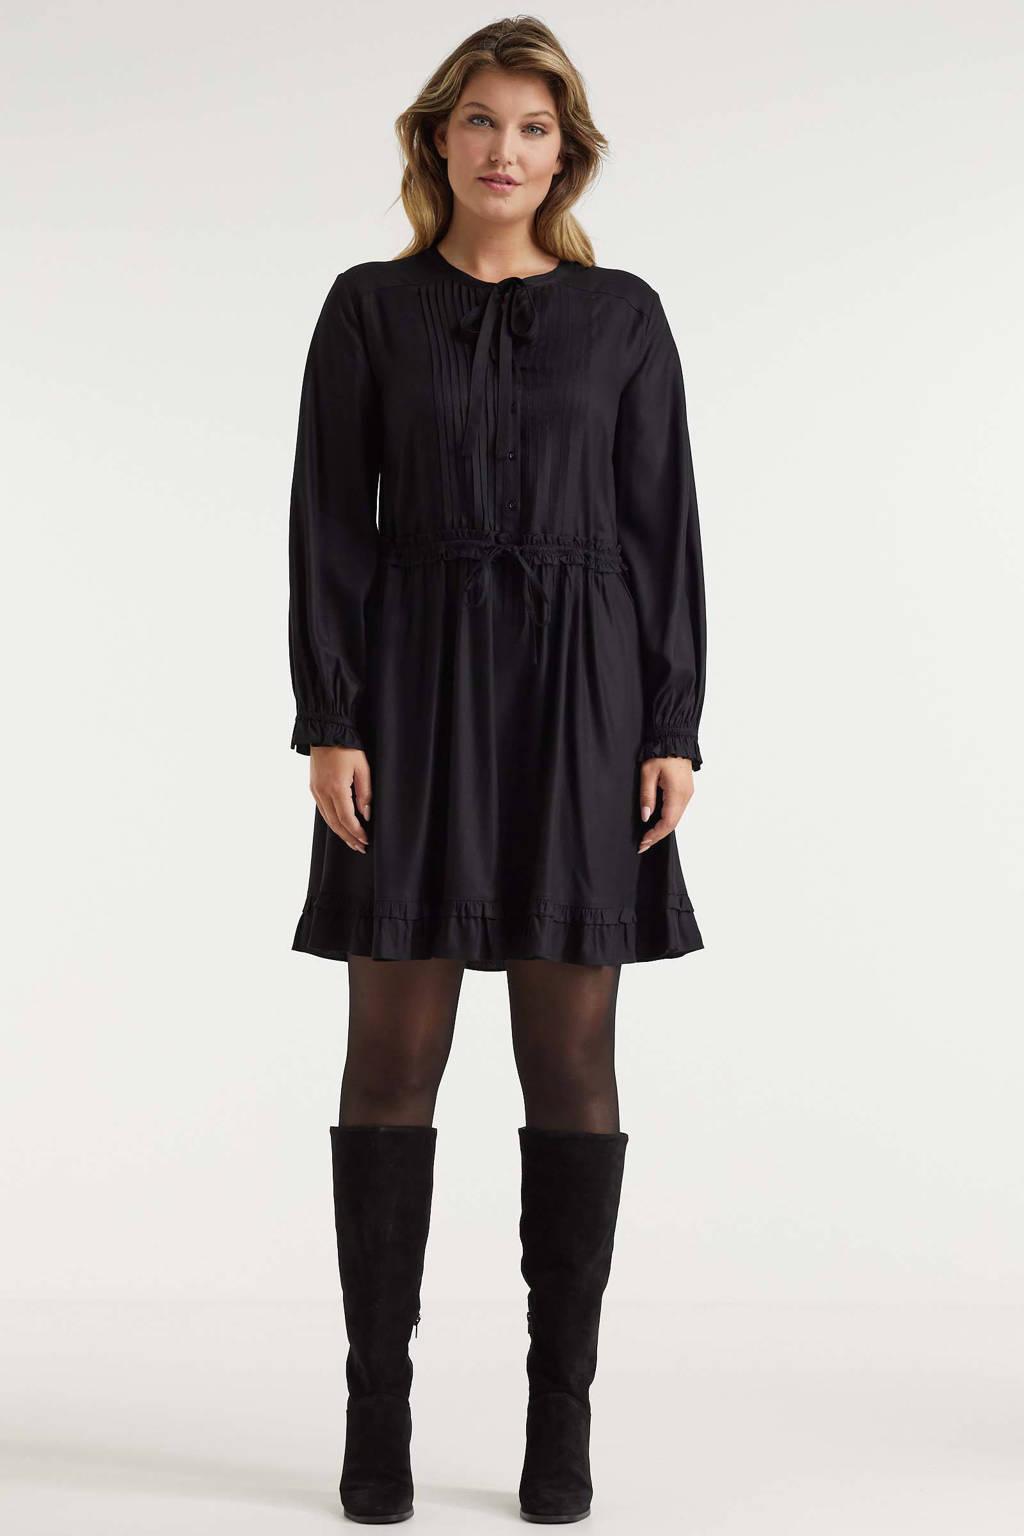 Miljuschka by Wehkamp jurk met plooien zwart, Zwart